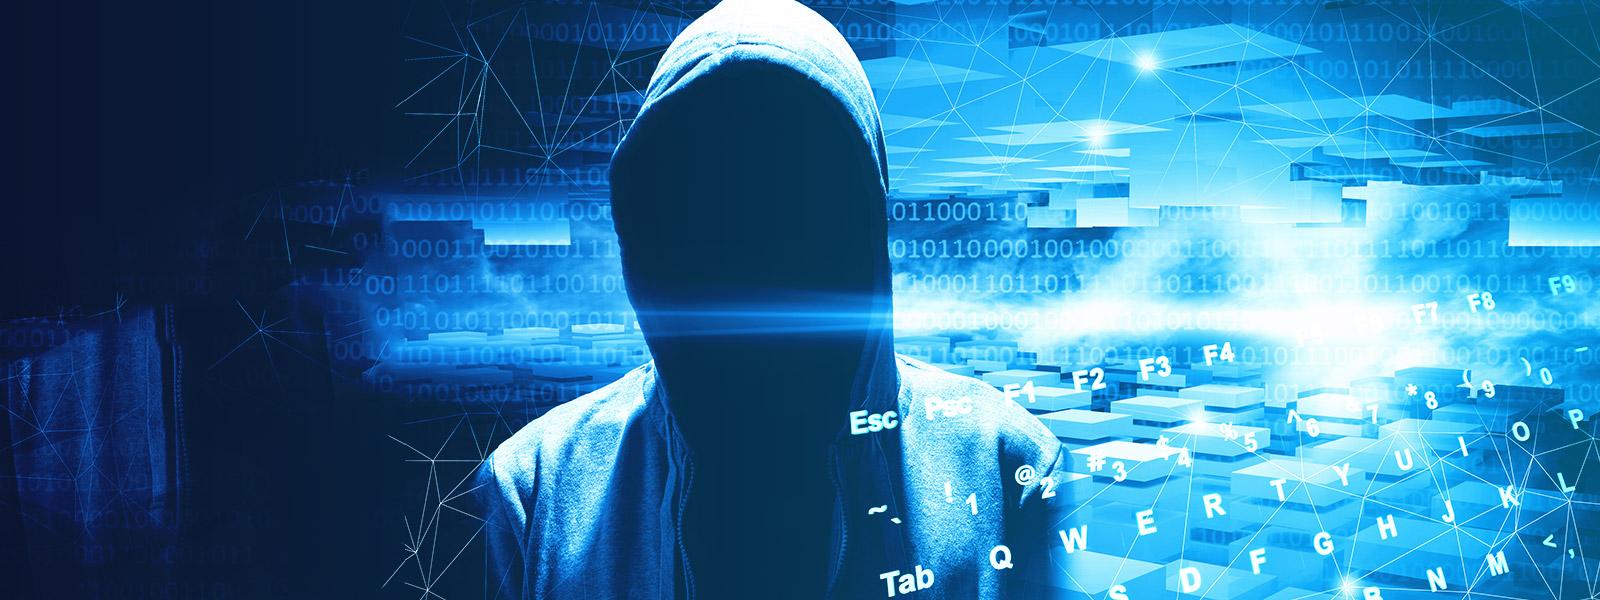 Os riscos do hacking de veículos